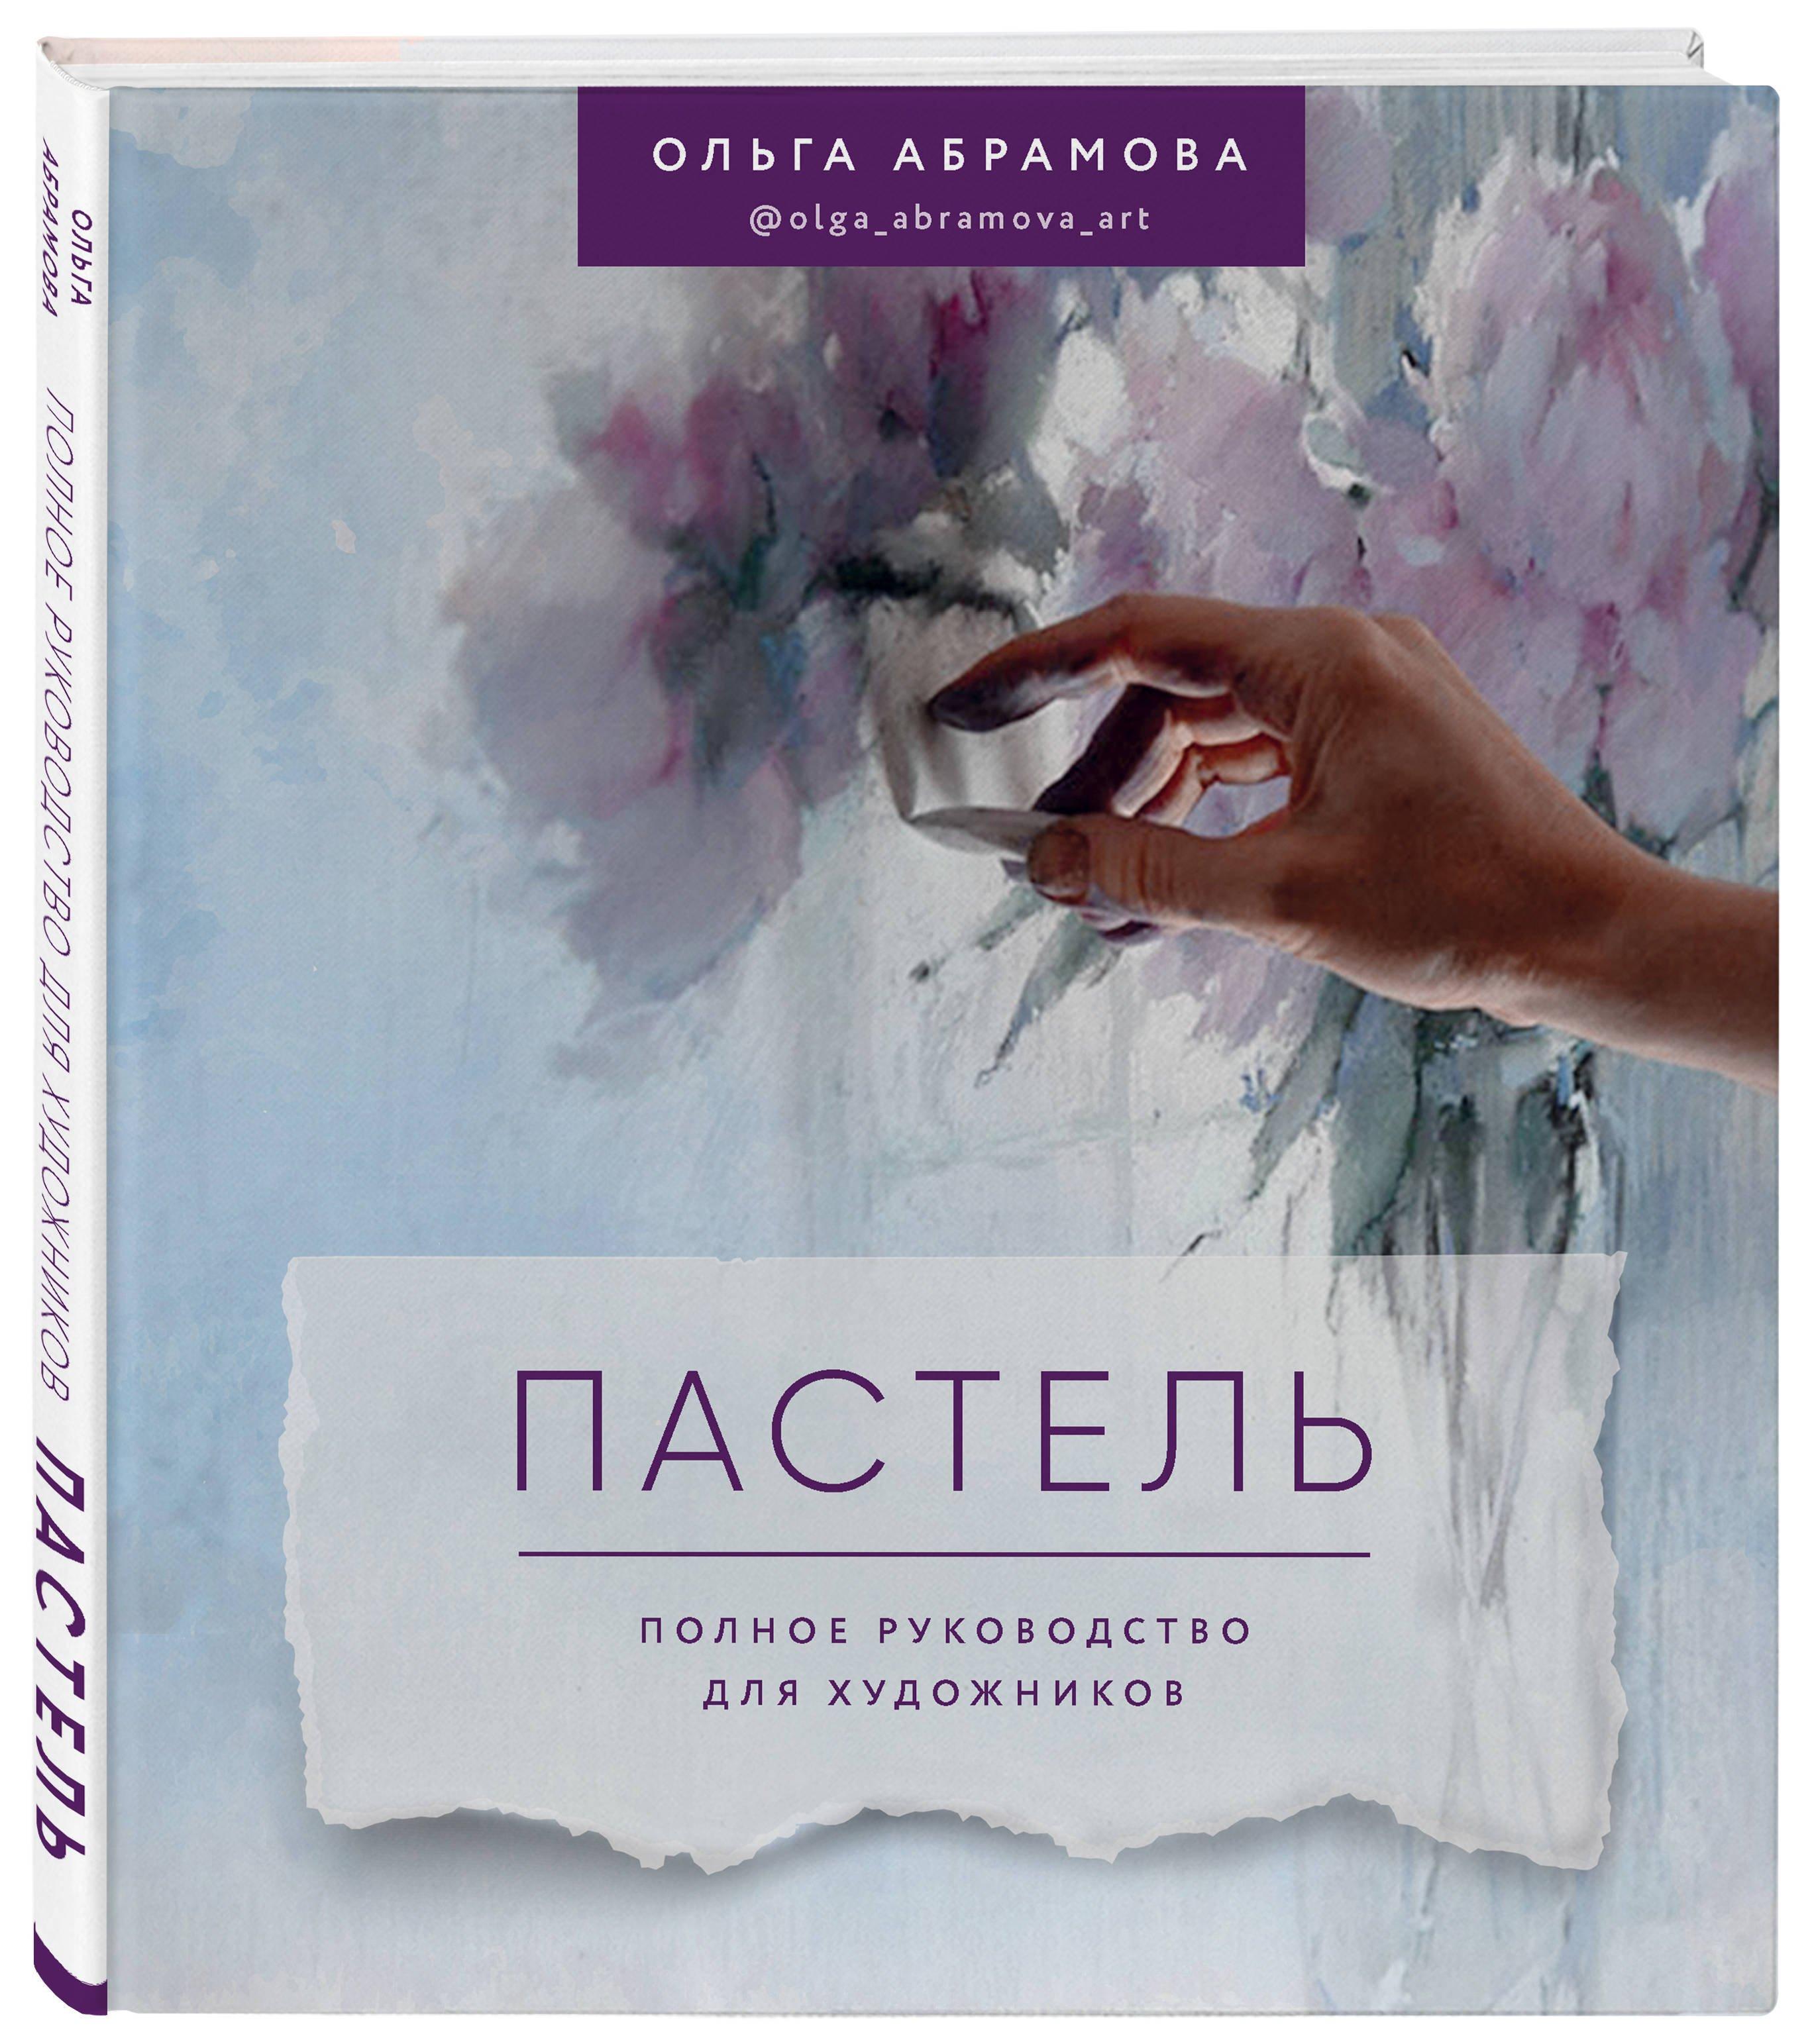 Пастель. Полное руководство для художников (с автографом) ( Ольга Абрамова  )